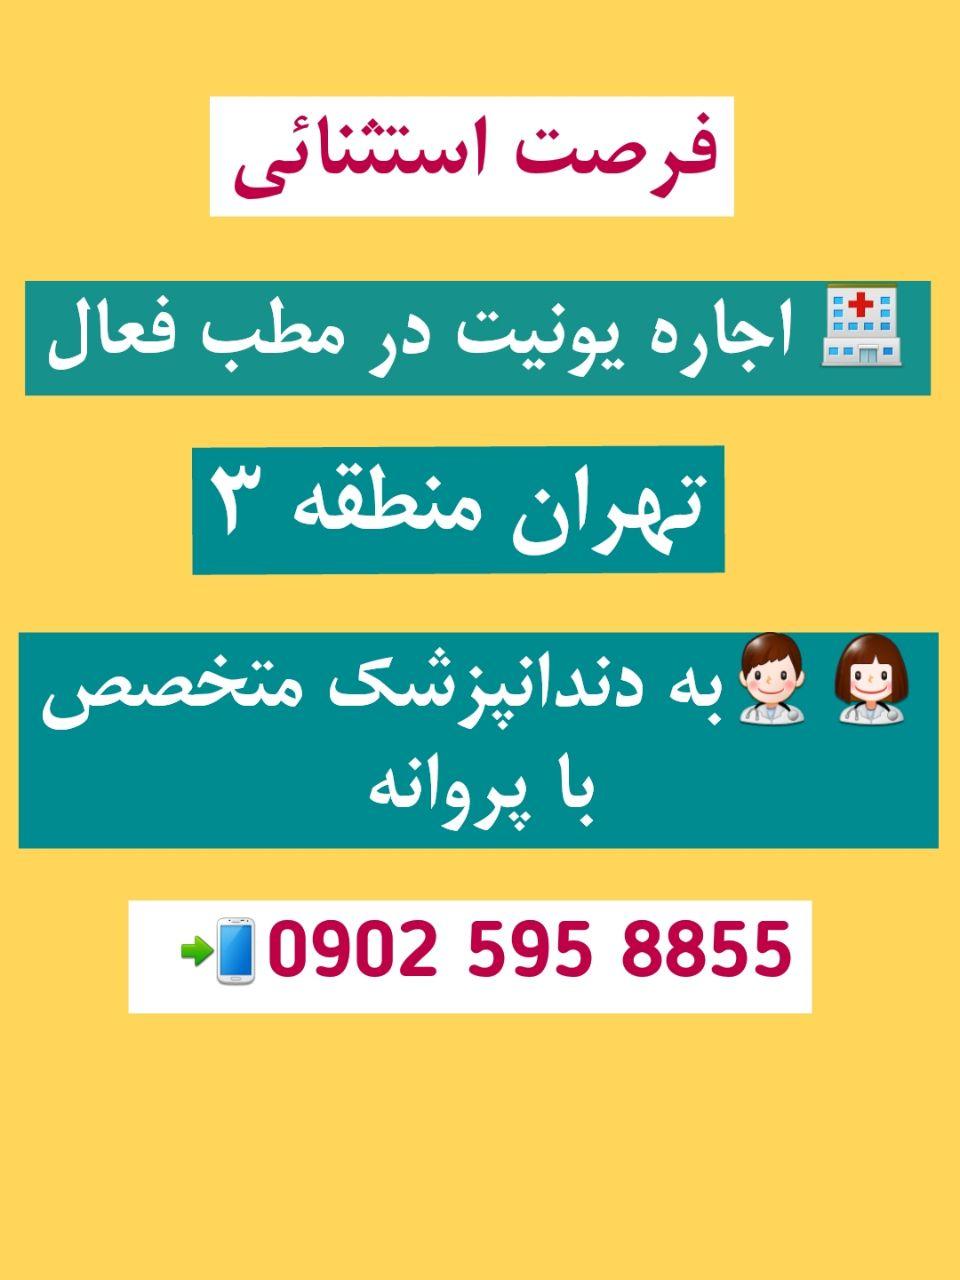 تهران: منطقه ۳، اجاره یونیت در مطب فعال به دندانپزشک متخصص با پروانه